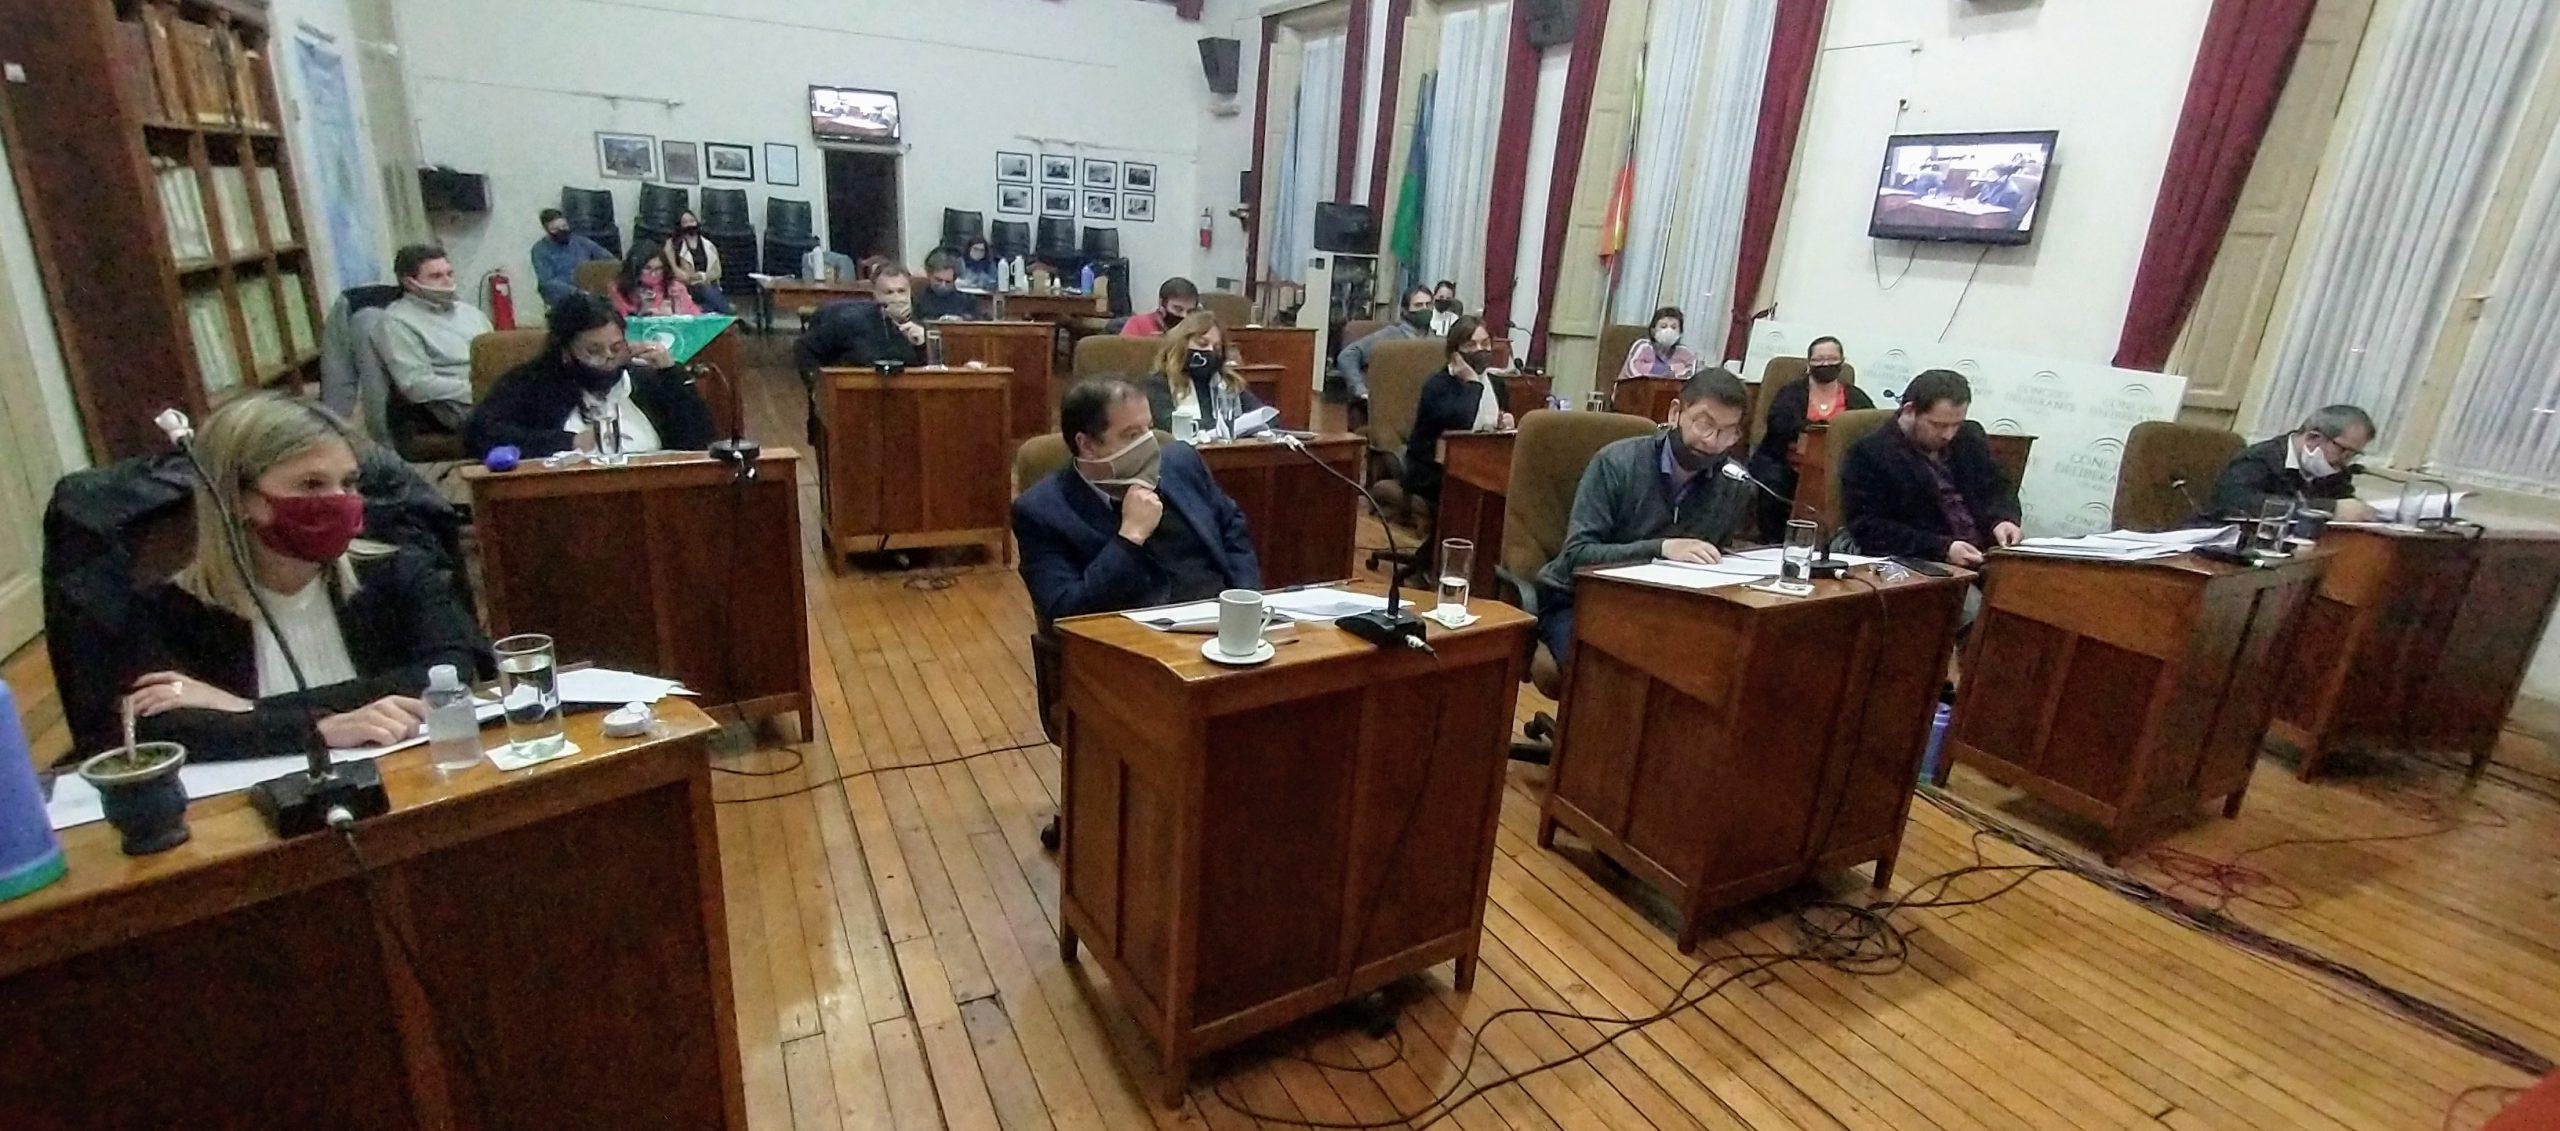 Sesionará el martes el Concejo Deliberante. Están convocados los Mayores Contribuyentes